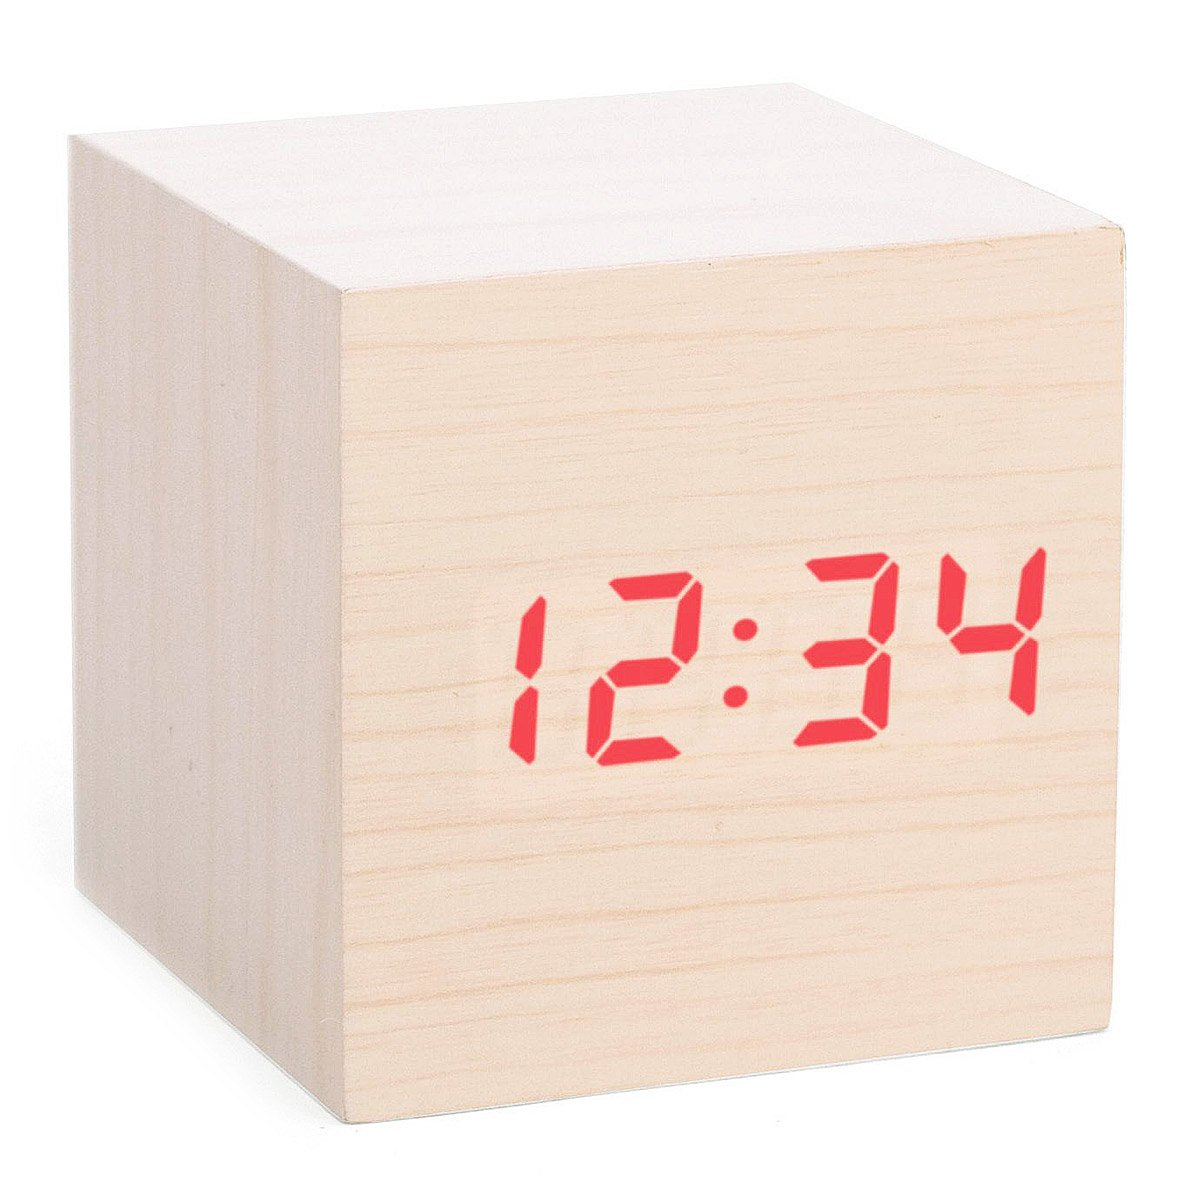 cube led alarm clock  wood block digital clock  uncommongoods - cube led alarm clock  thumbnail